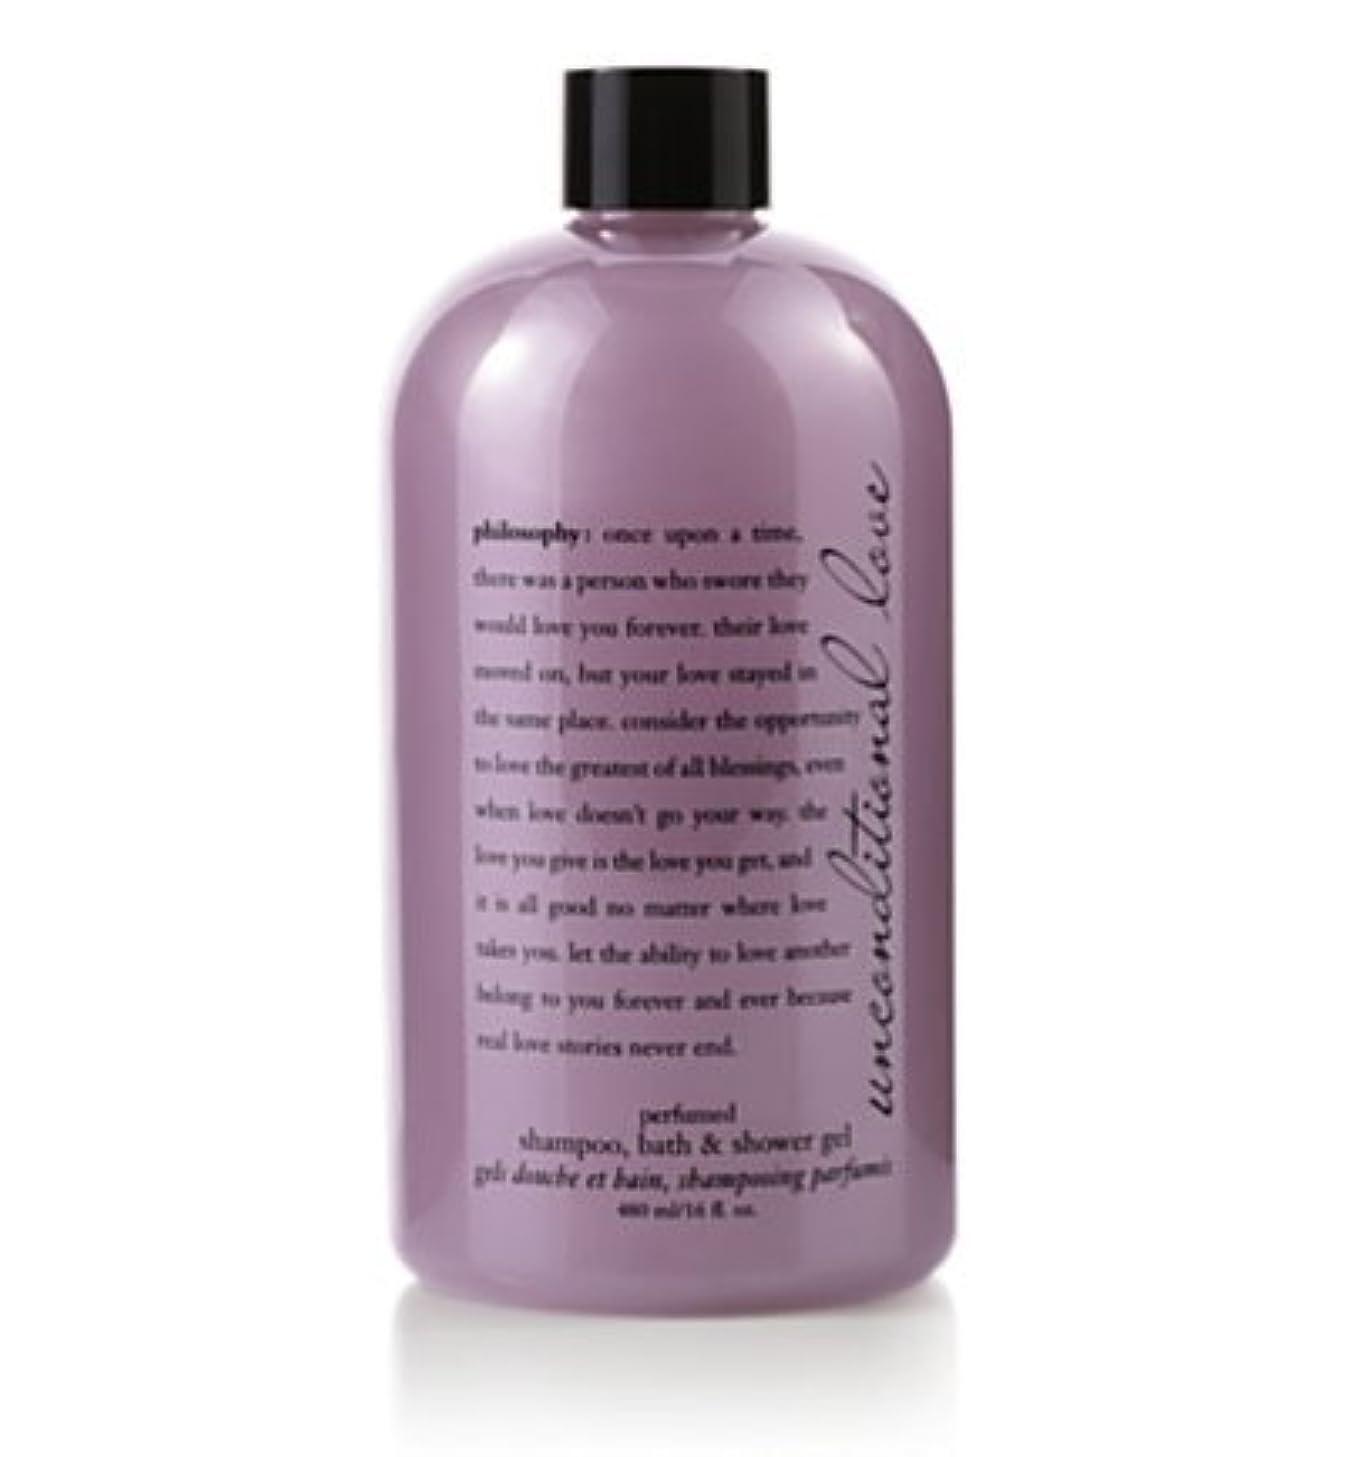 ロケット首謀者株式会社unconditional love (アンコンディショナルラブ ) 16.0 oz (480ml) perfumed shampoo, bath & shower gel for Women